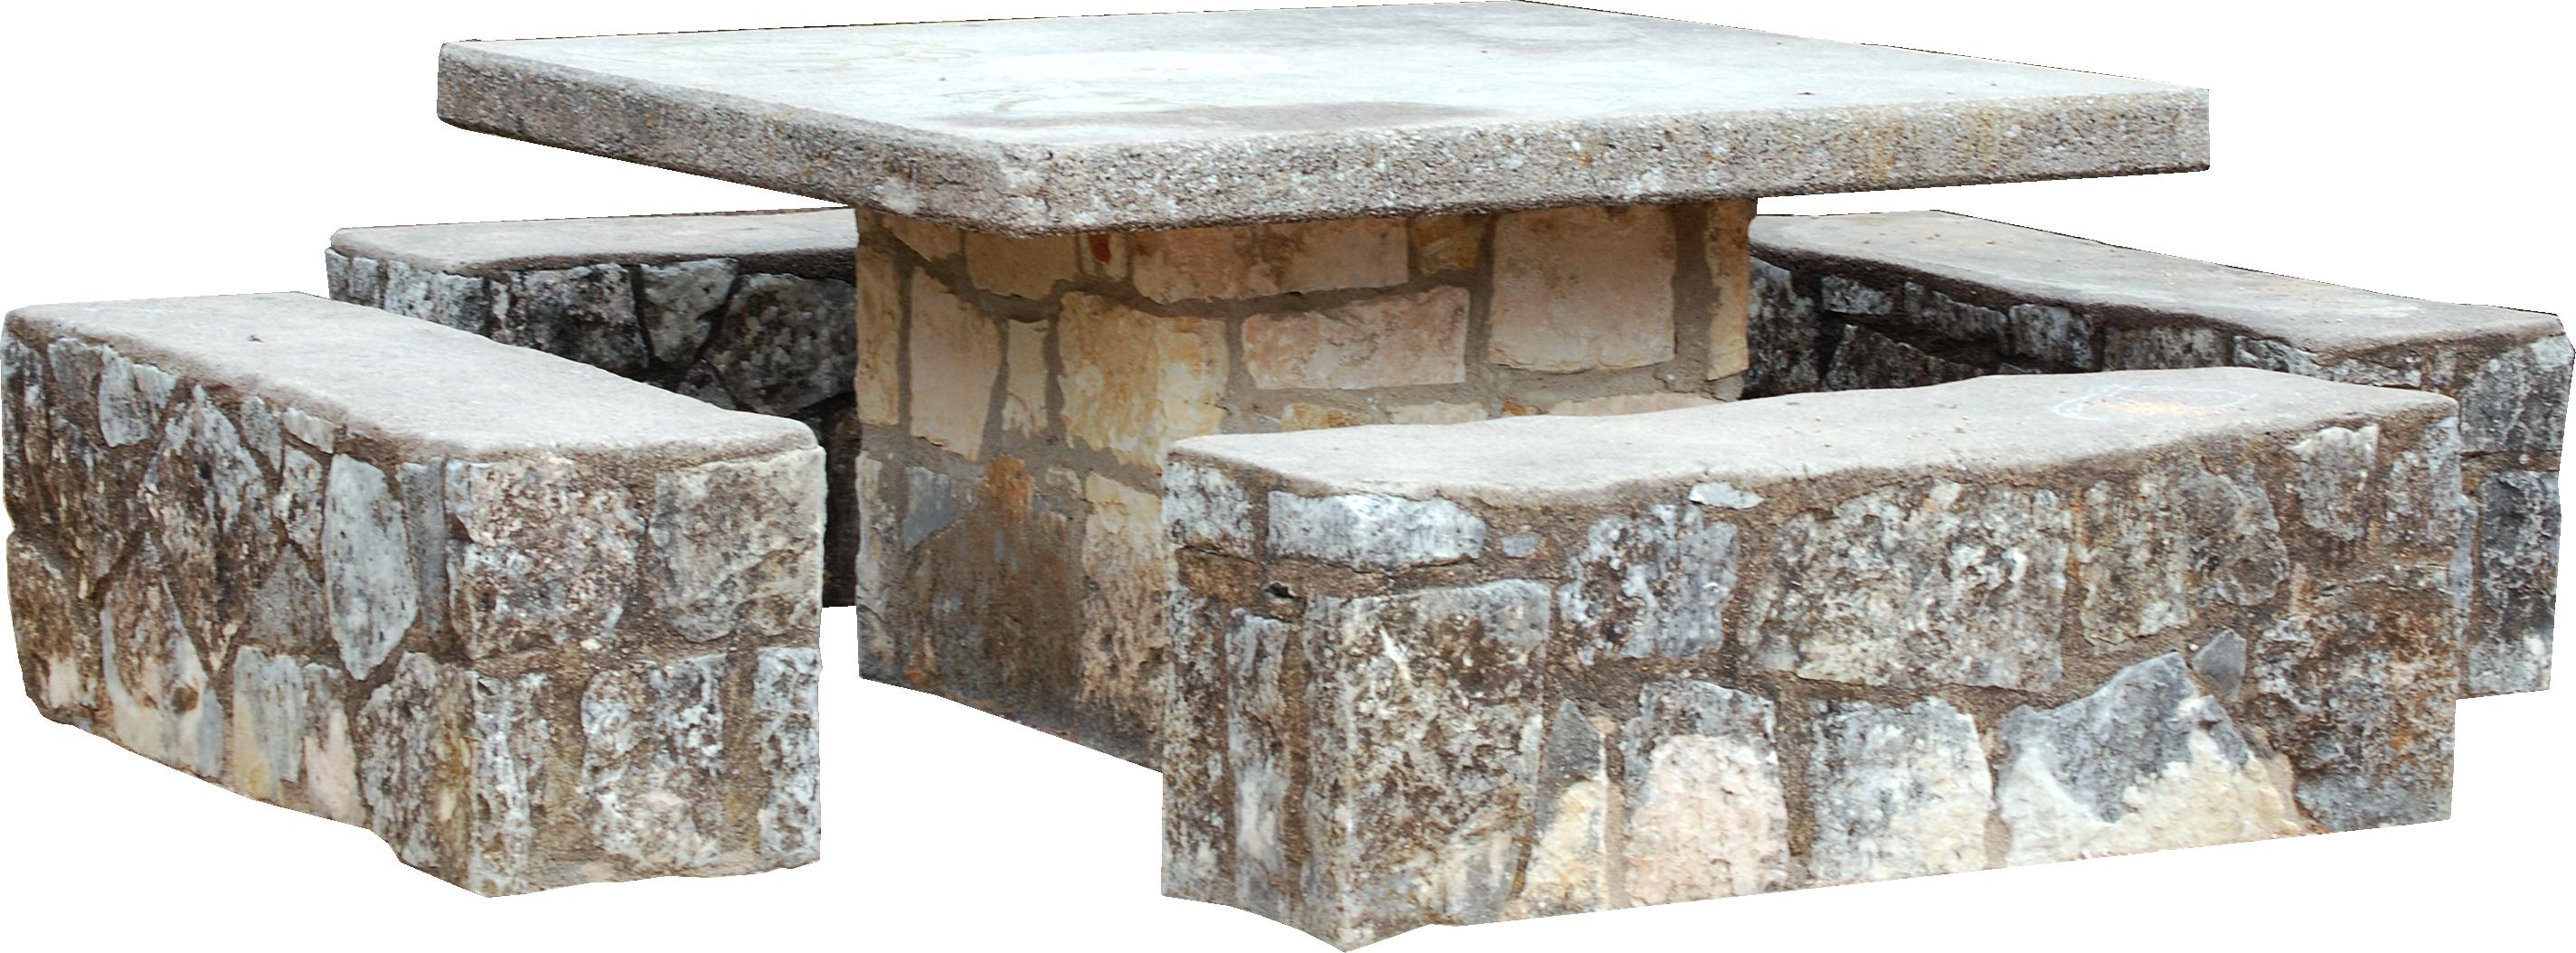 Park clip art stone. Clipart table table chair